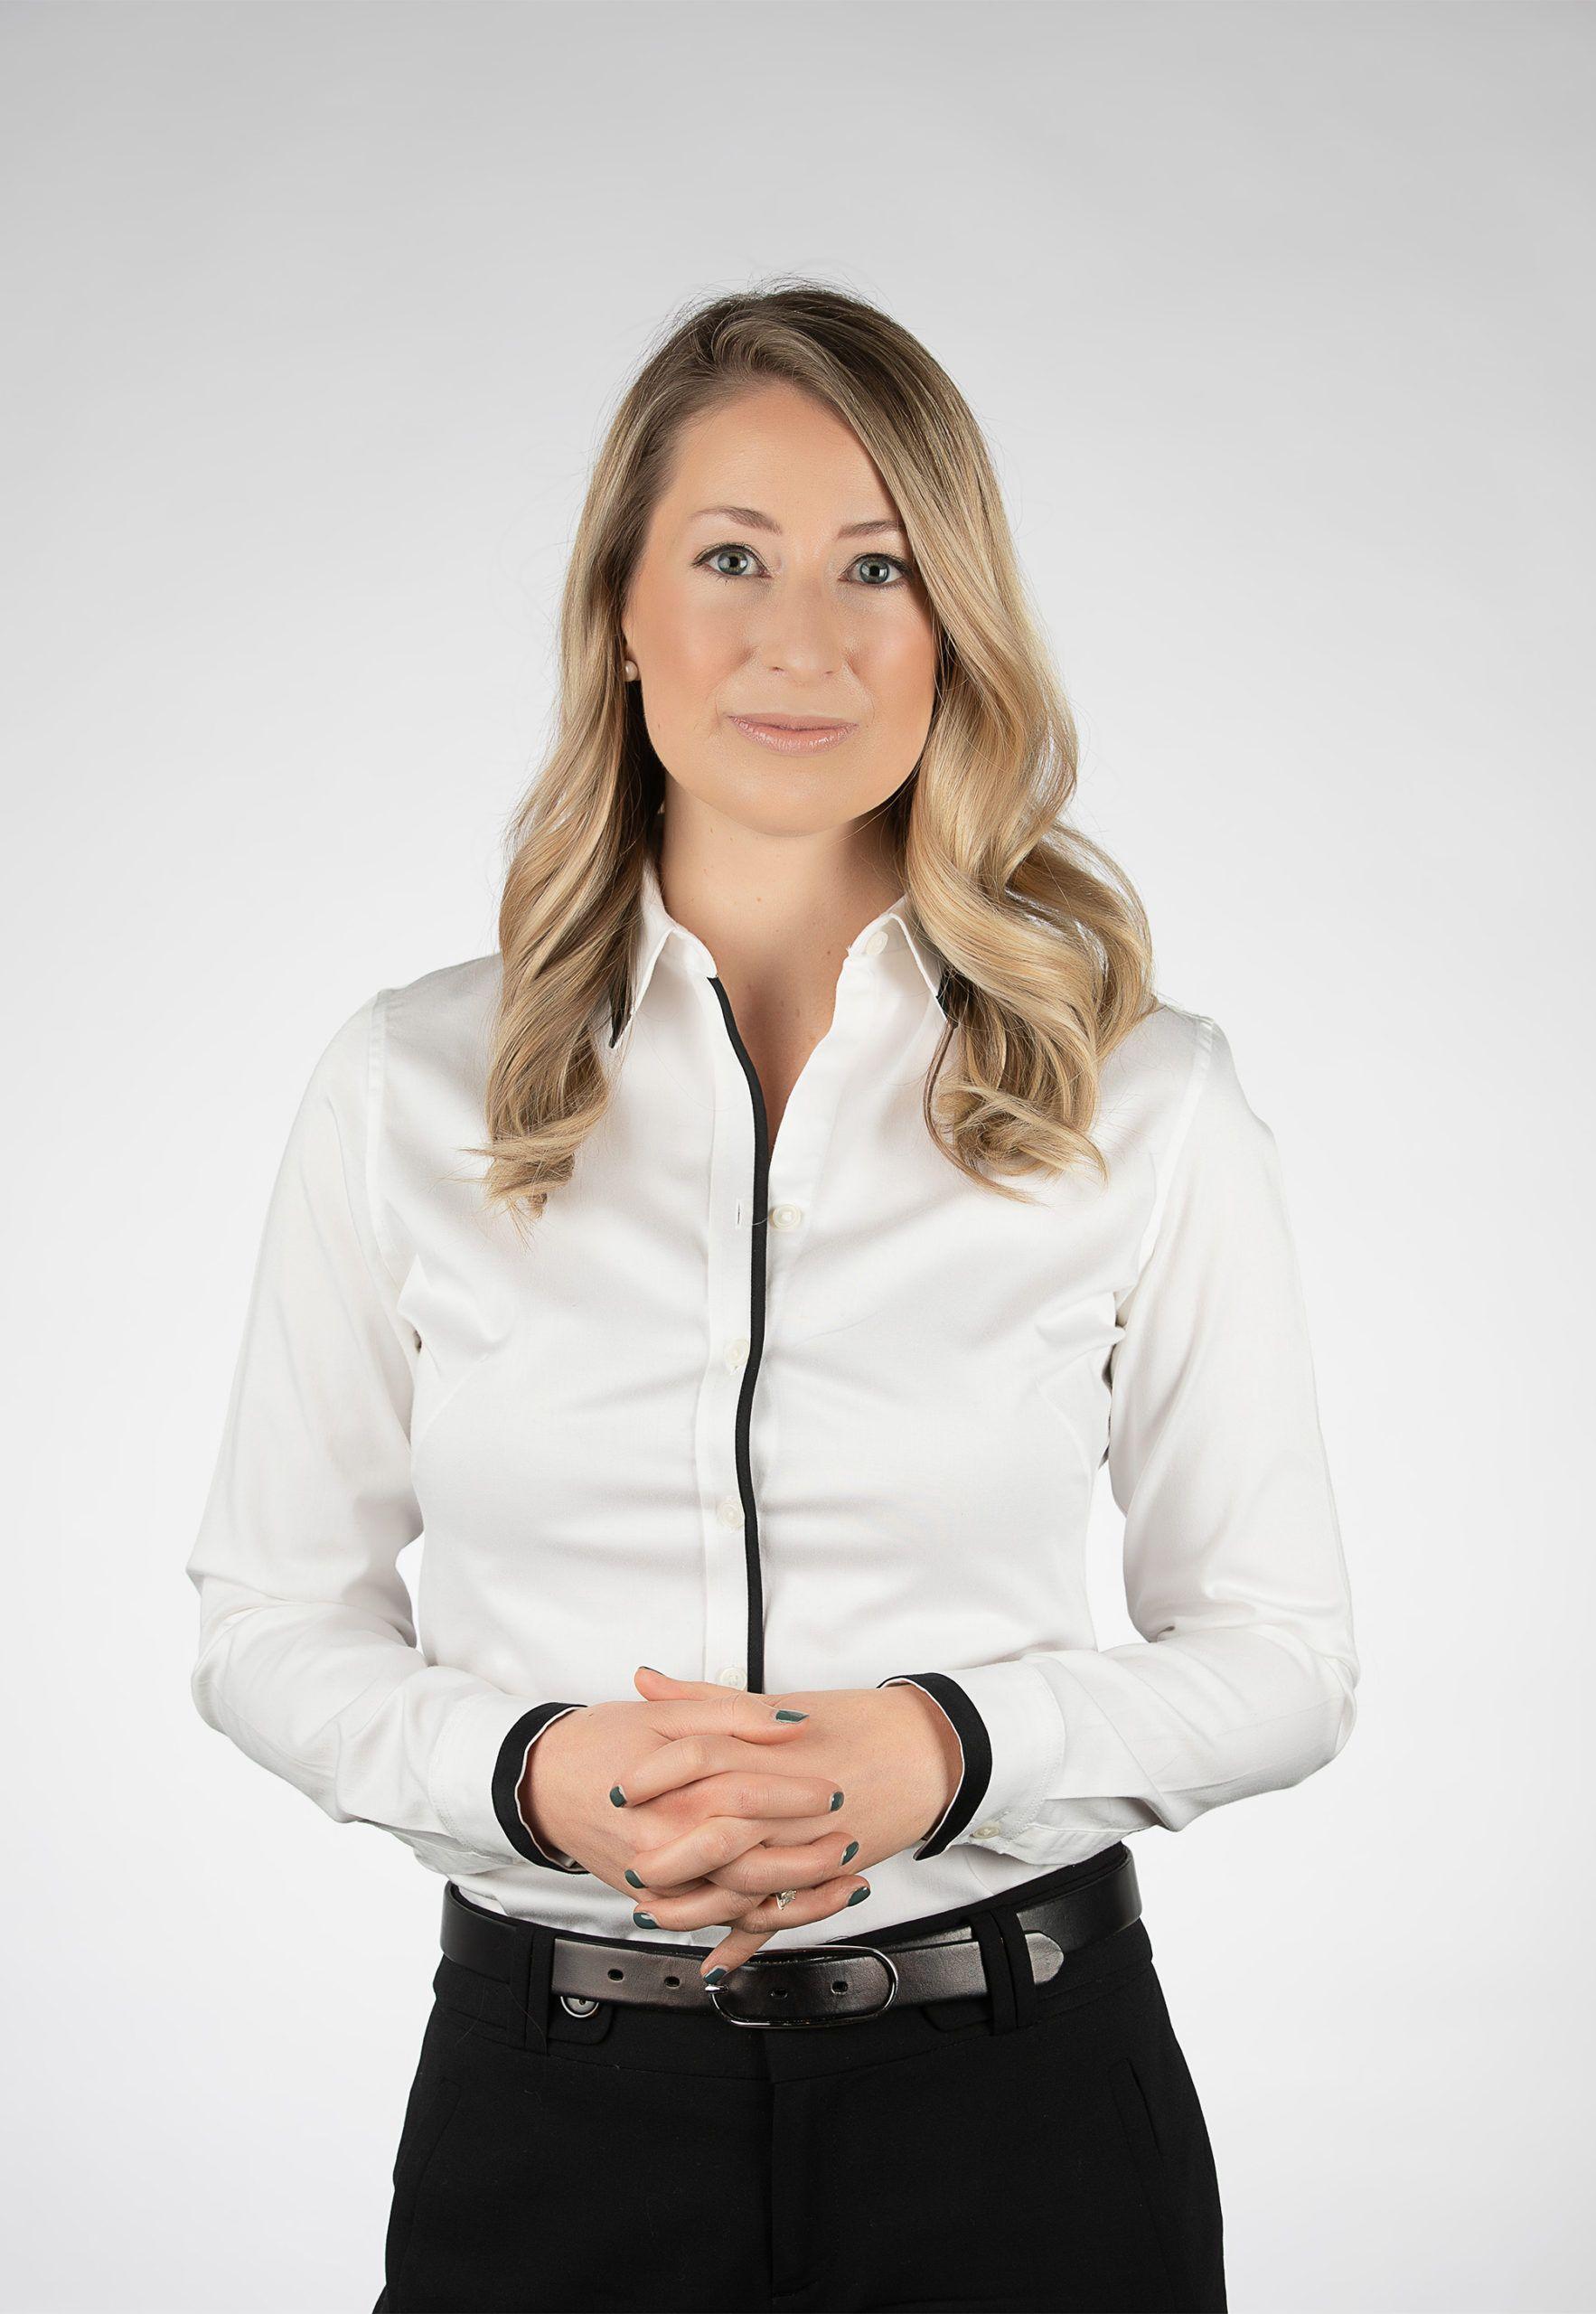 Dr. Jessica Schneider